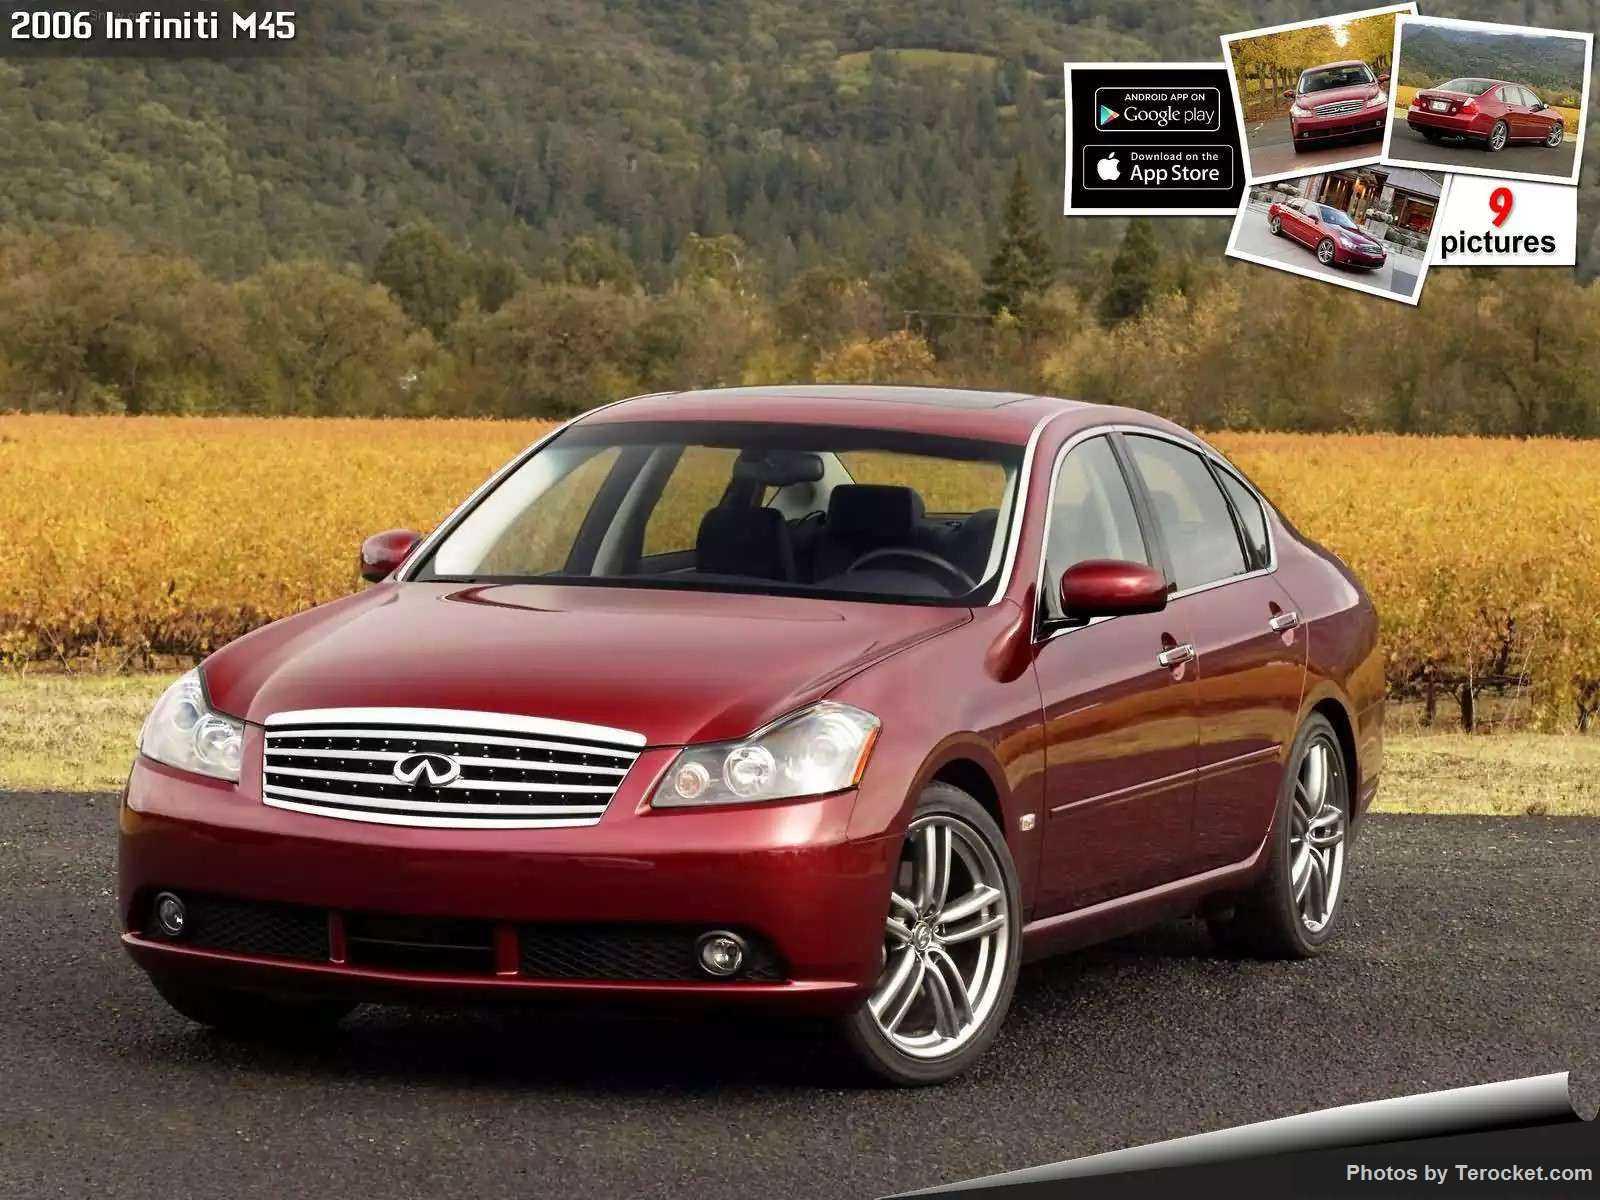 Hình ảnh xe ô tô Infiniti M45 2006 & nội ngoại thất